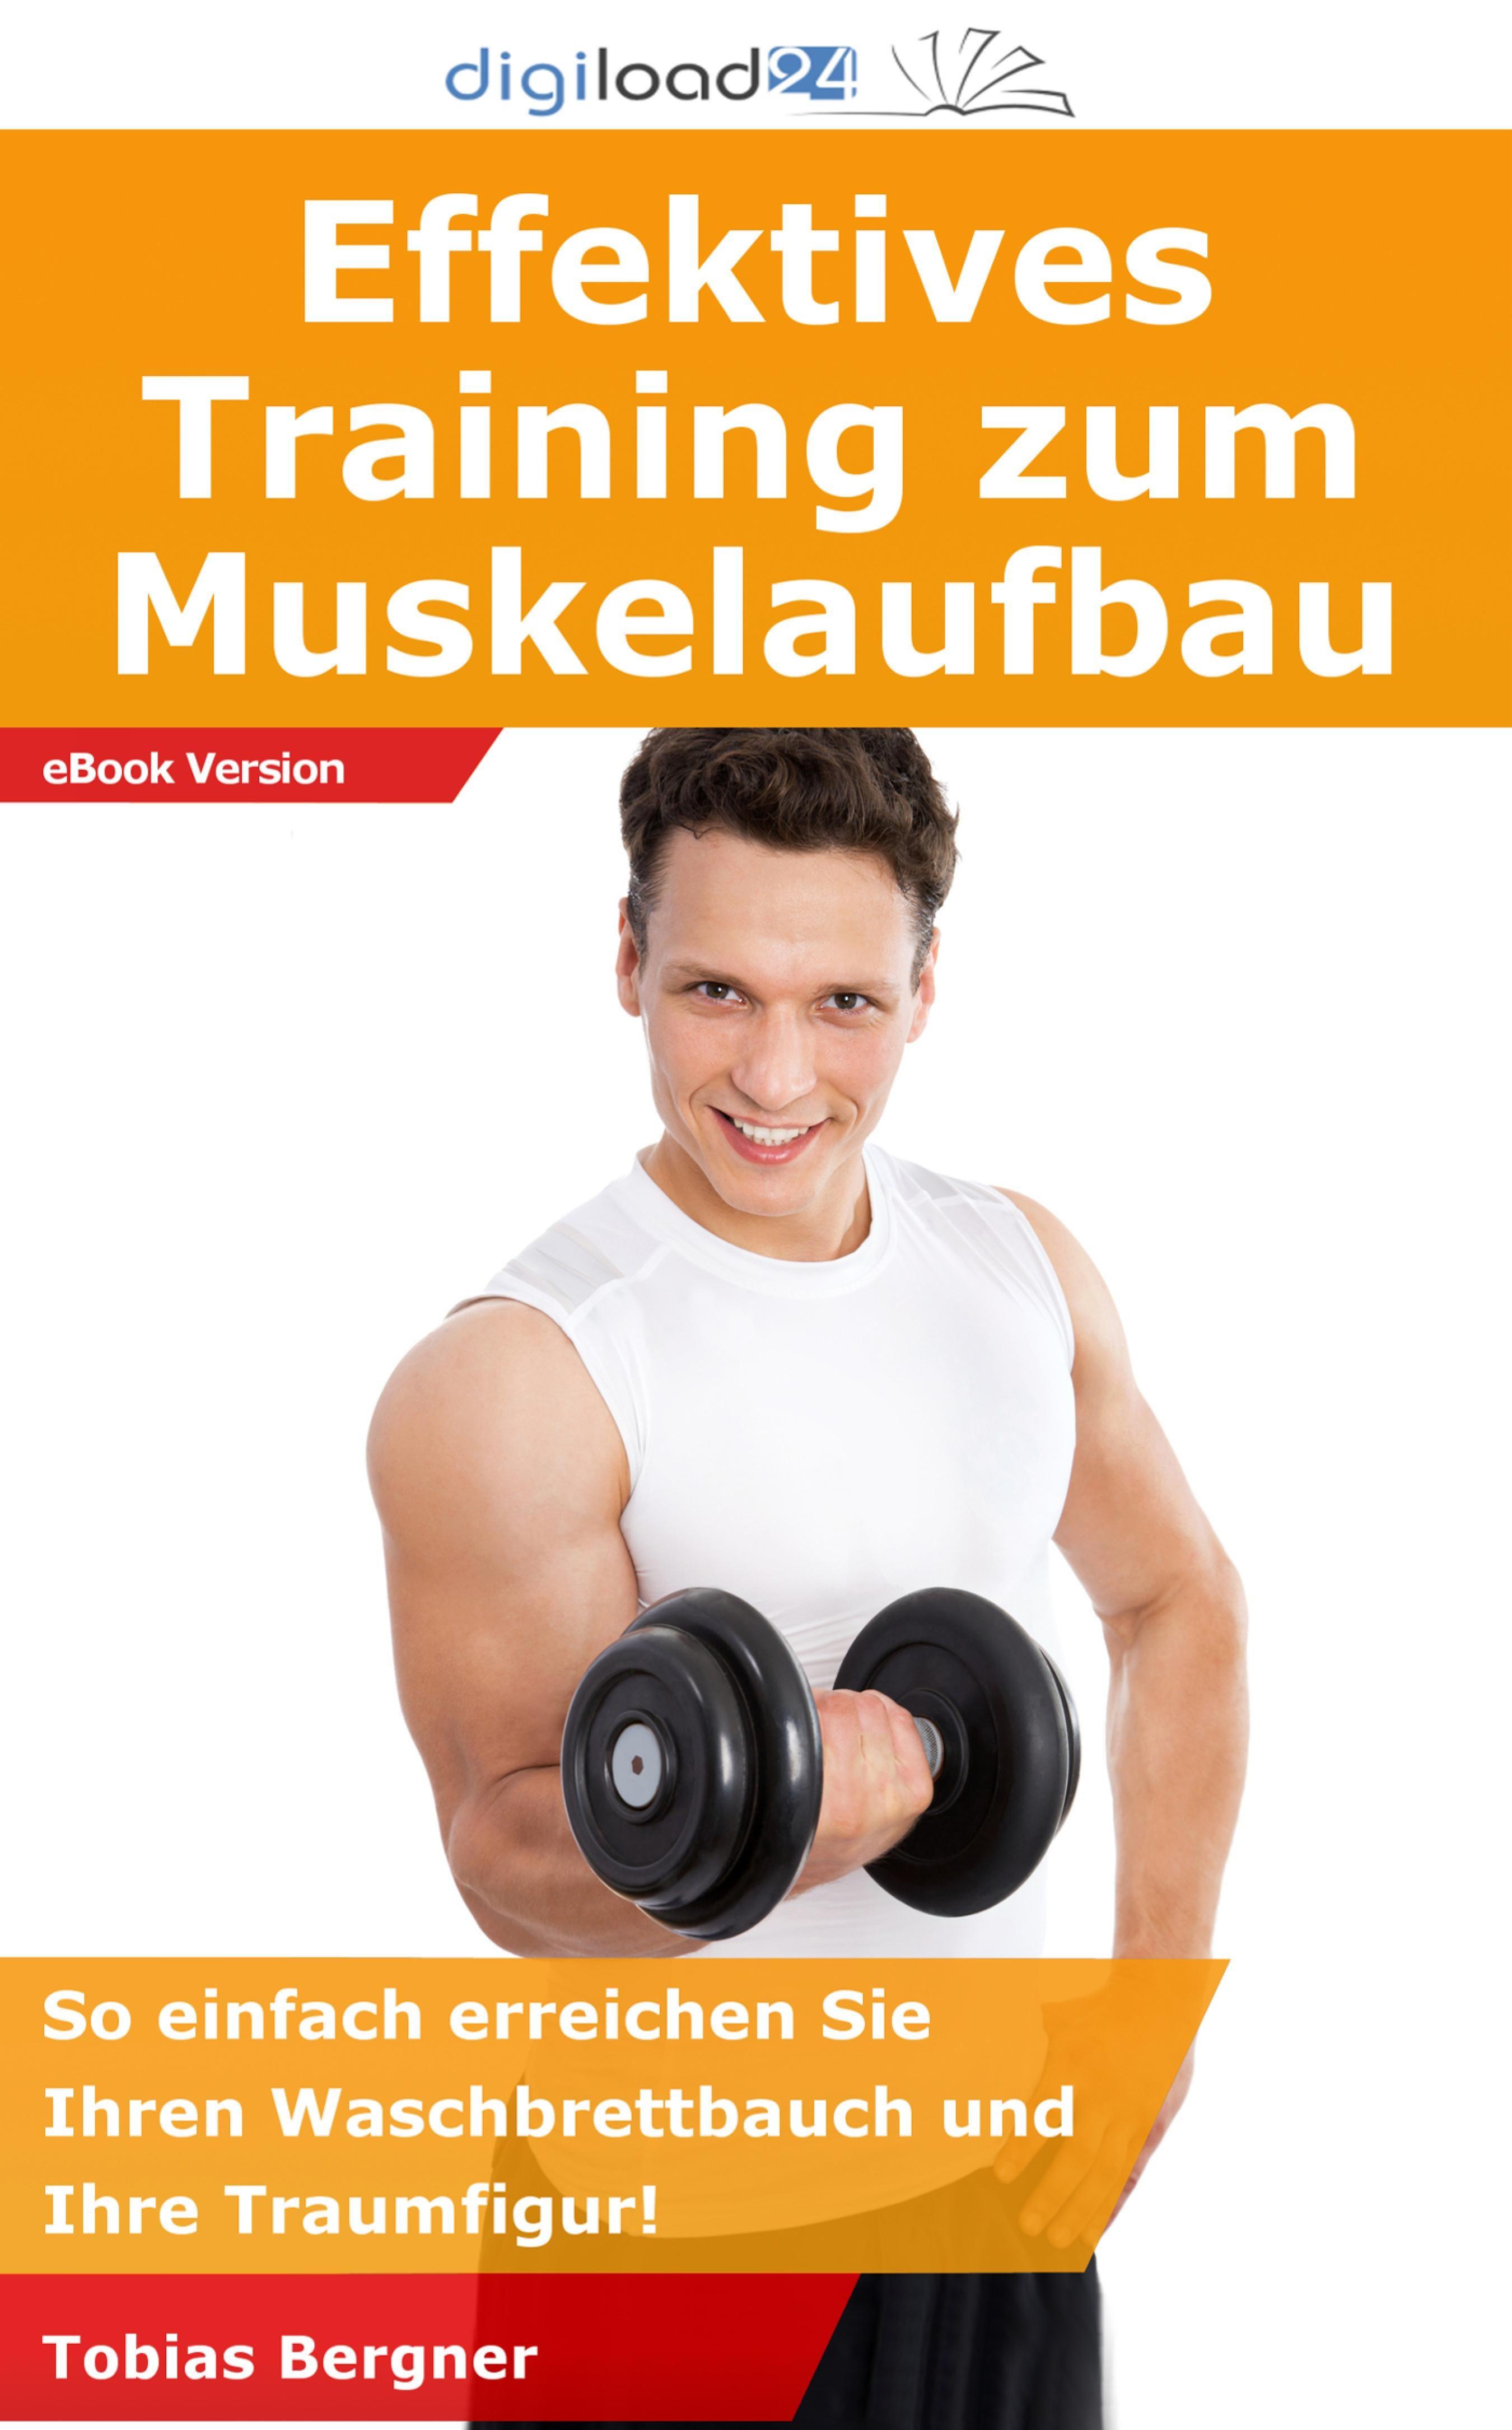 Pdf effektiver muskelaufbau